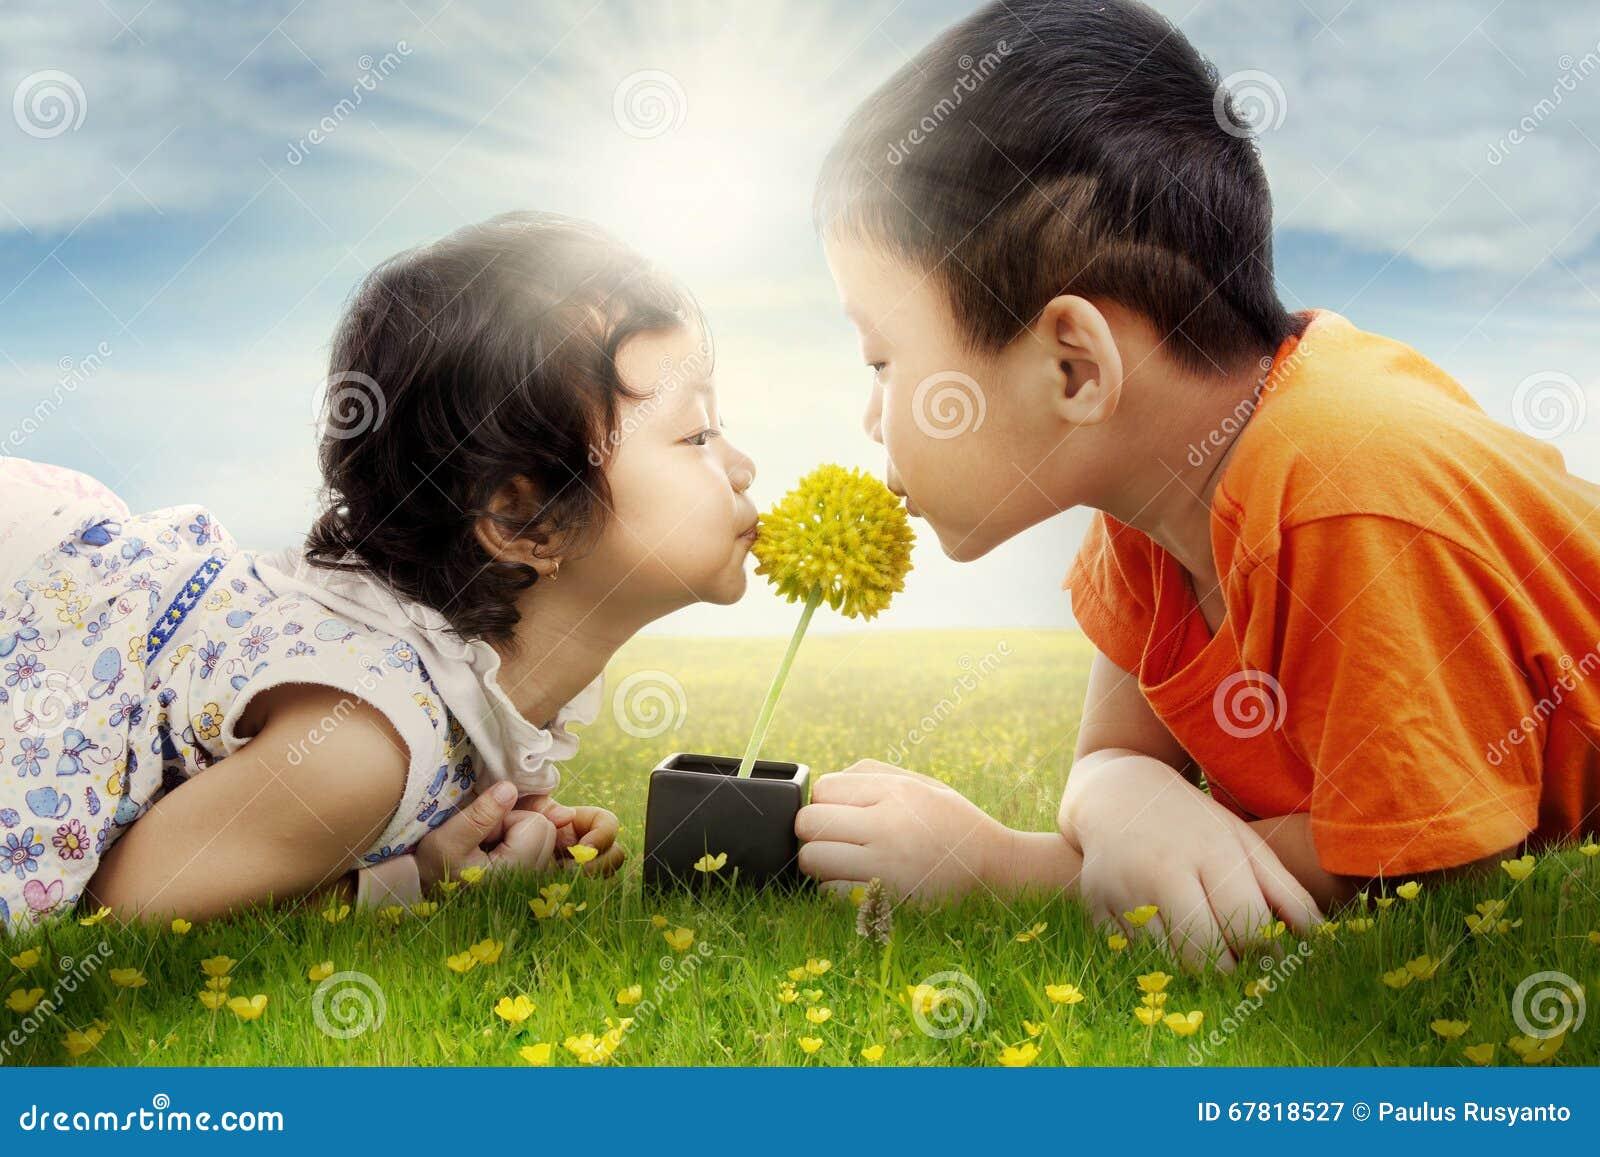 Kussen Voor Kinderen : Twee leuke kinderen die bloem kussen bij gebied stock afbeelding